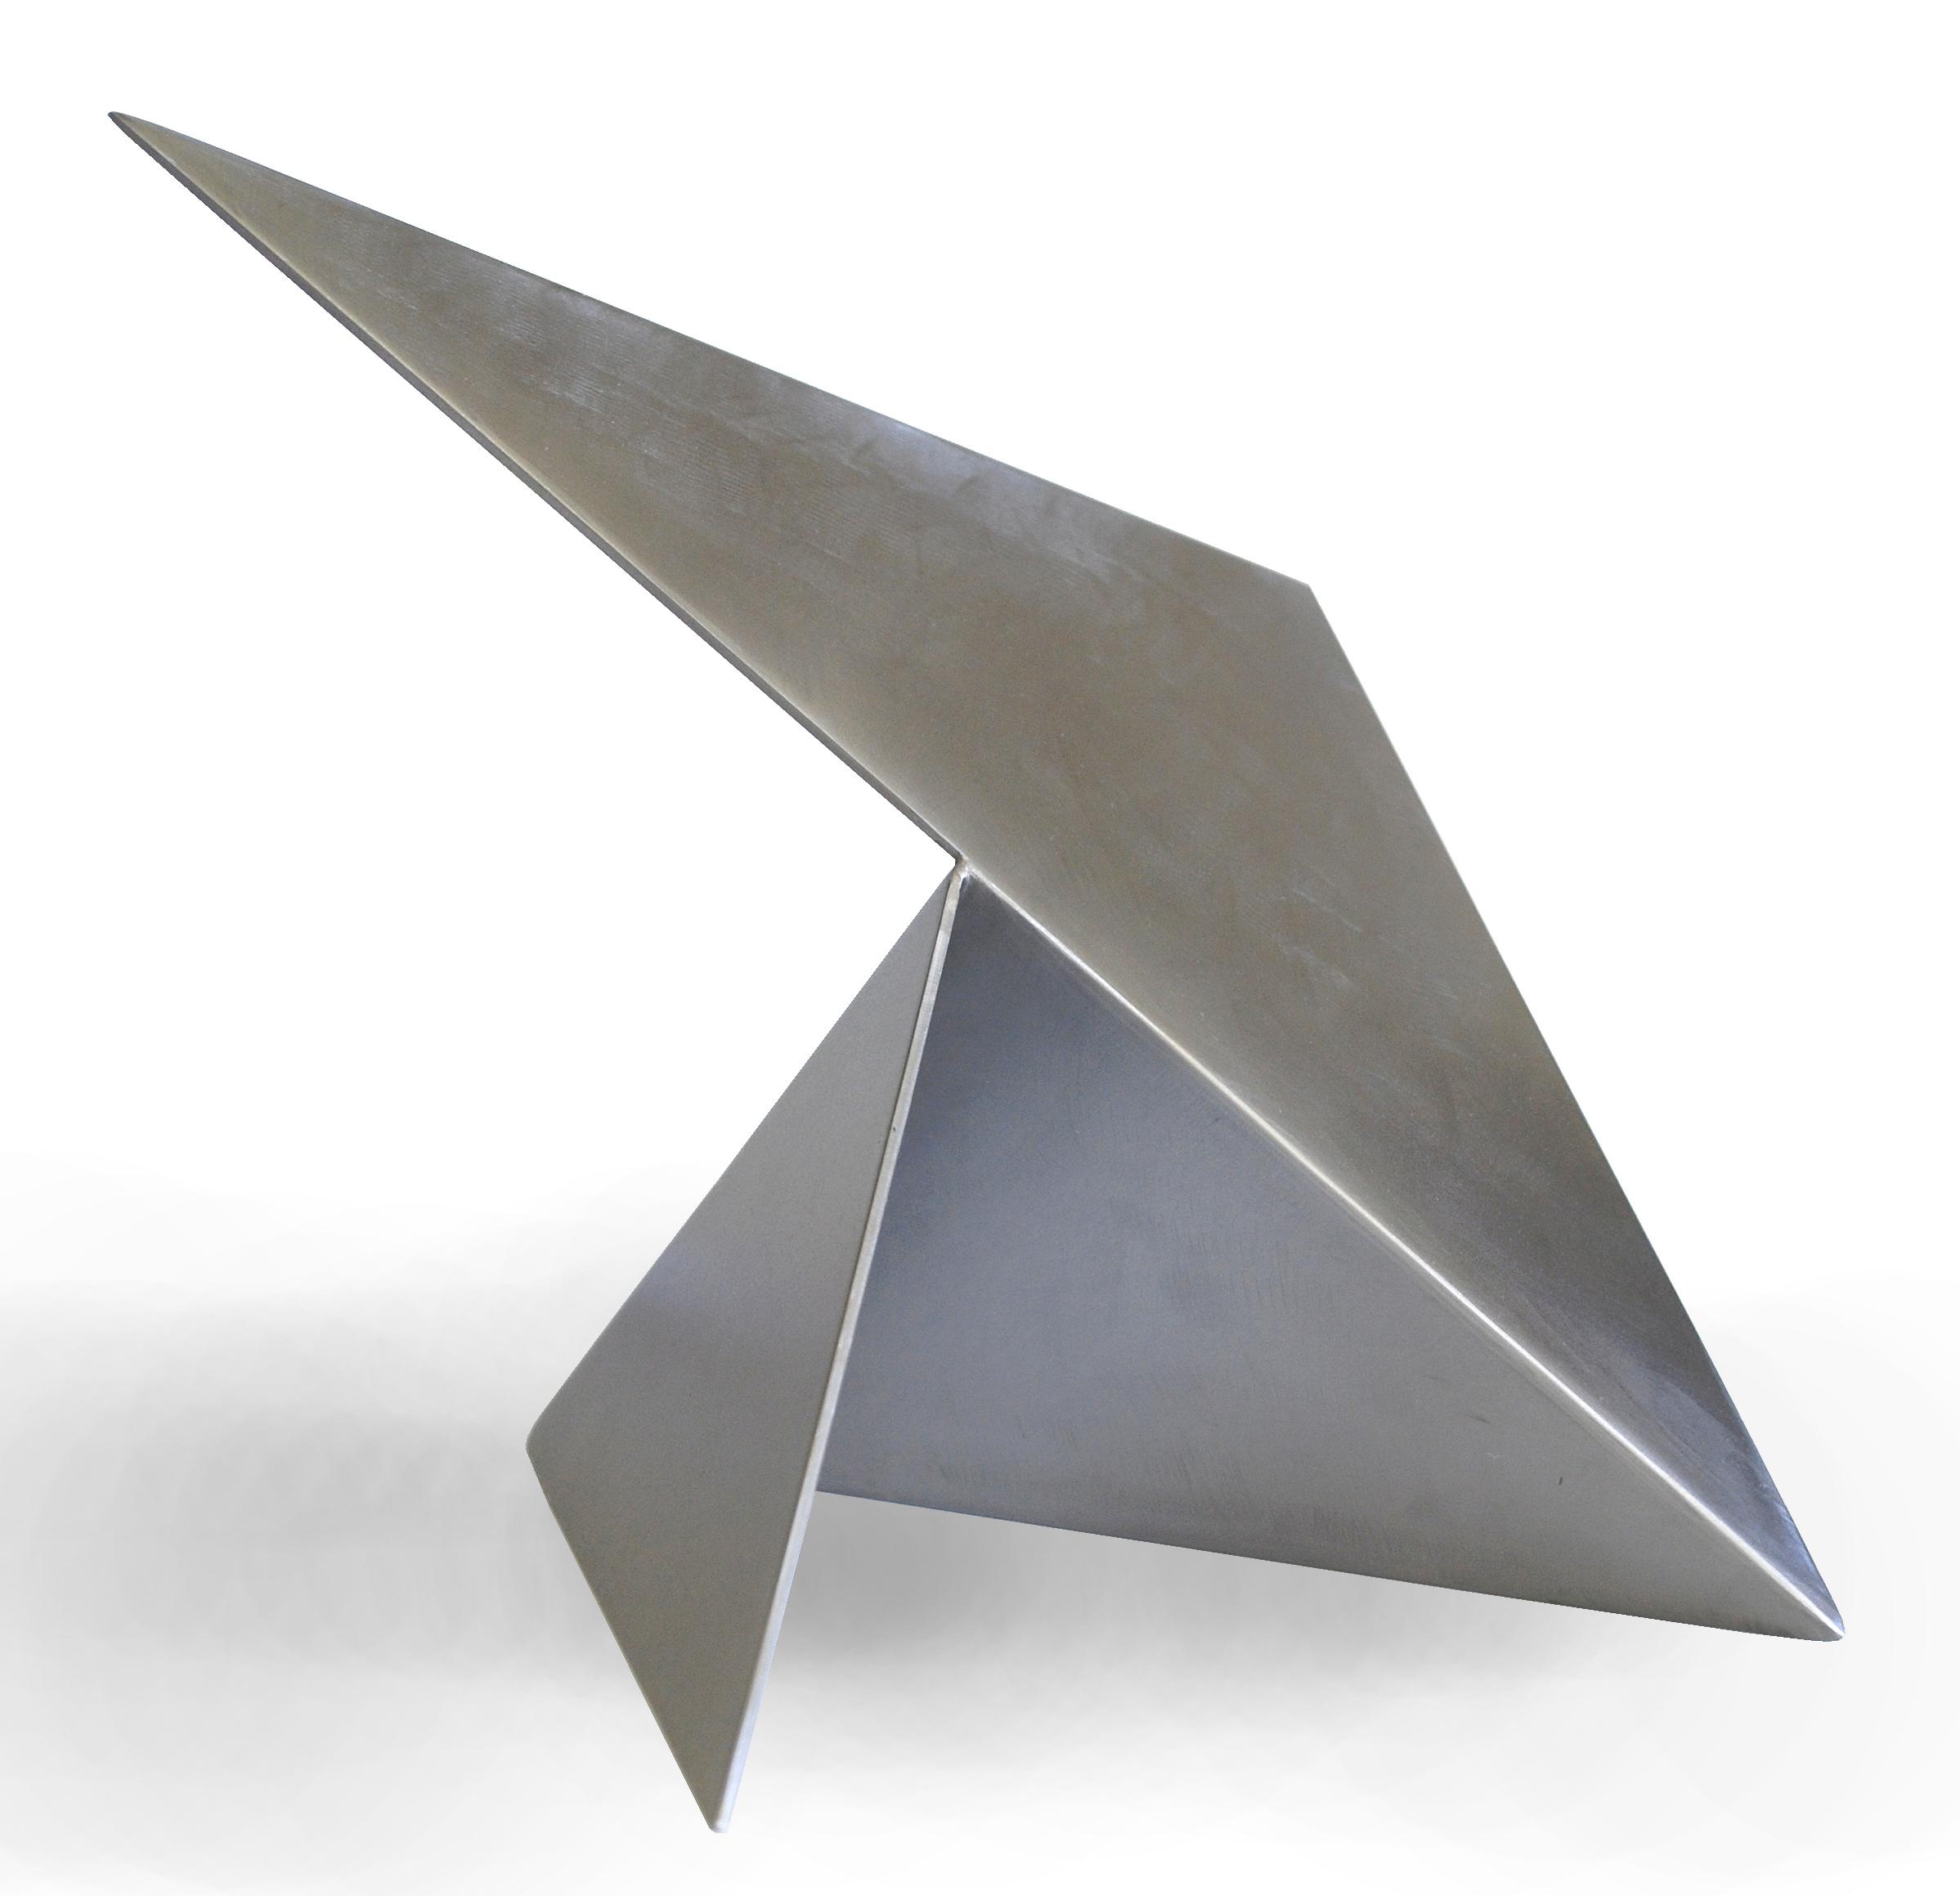 2. motiv, breite 34 cm, edelstahl